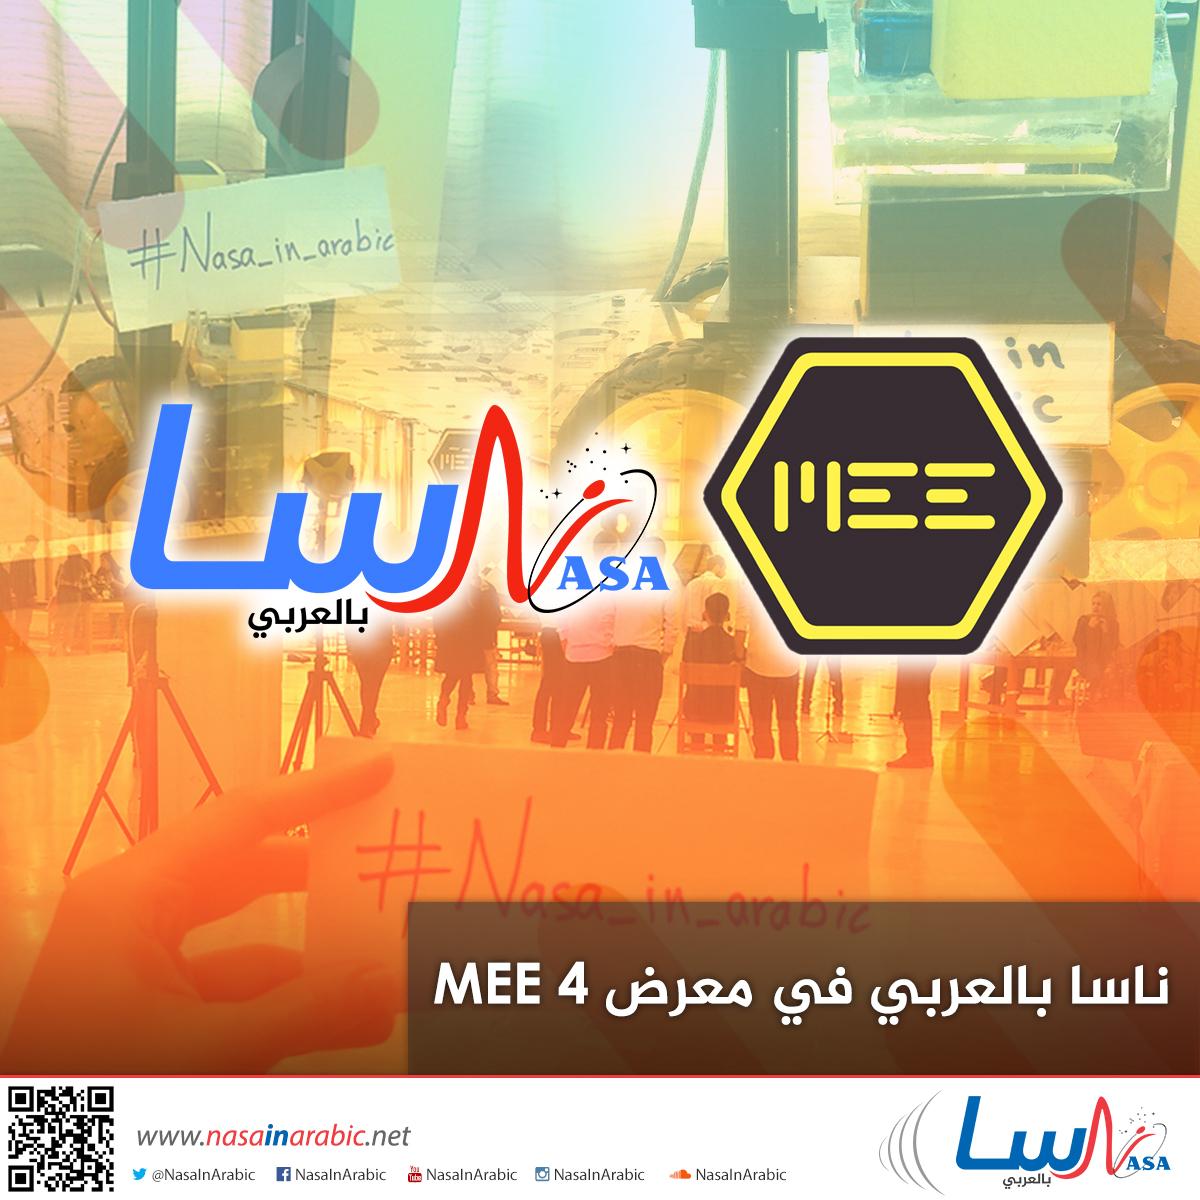 ناسا بالعربي في معرض MEE 4